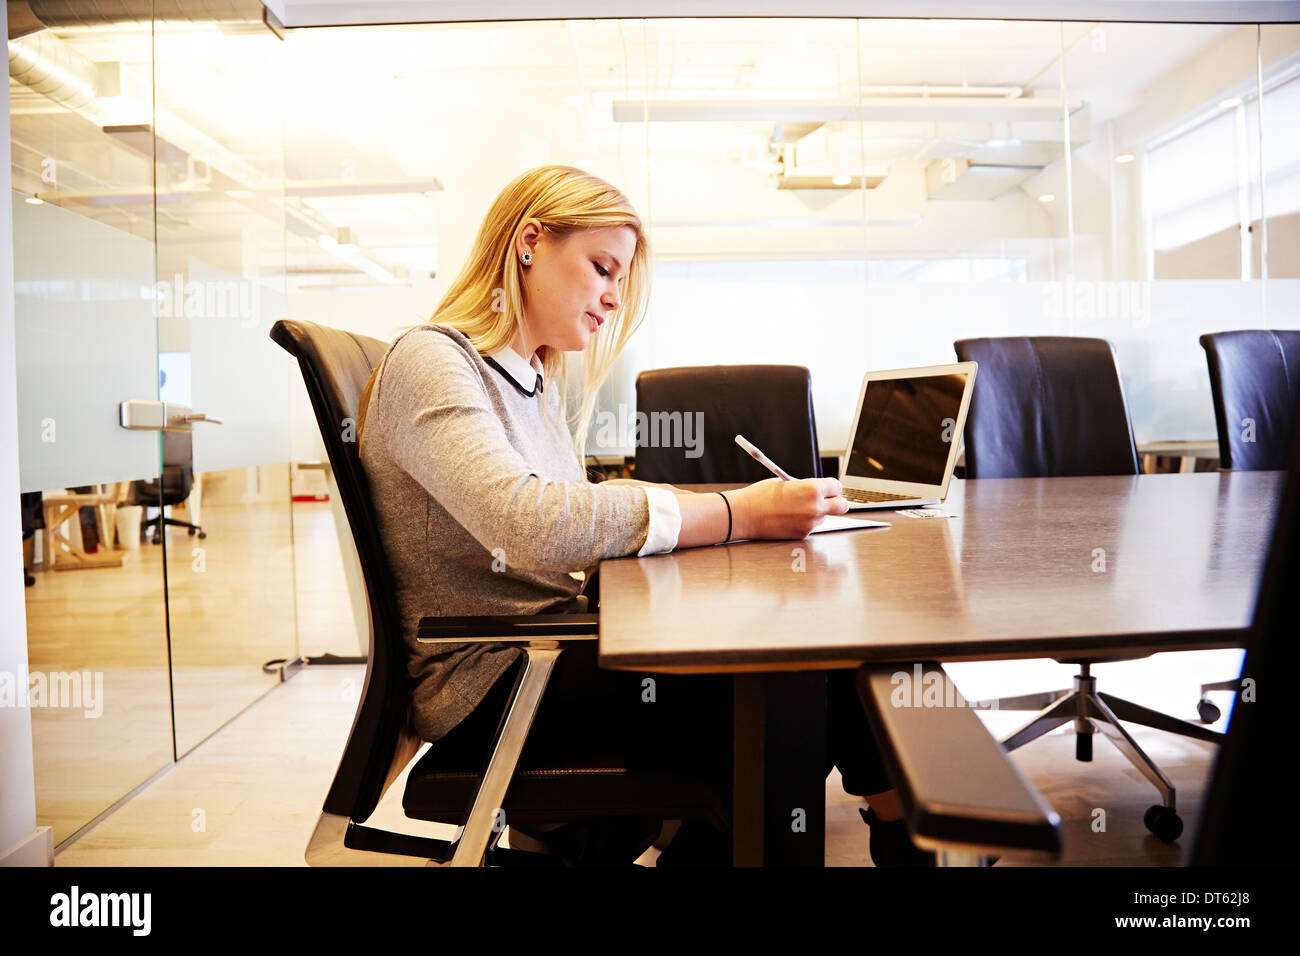 Junge Frau am Tisch arbeiten Stockbild